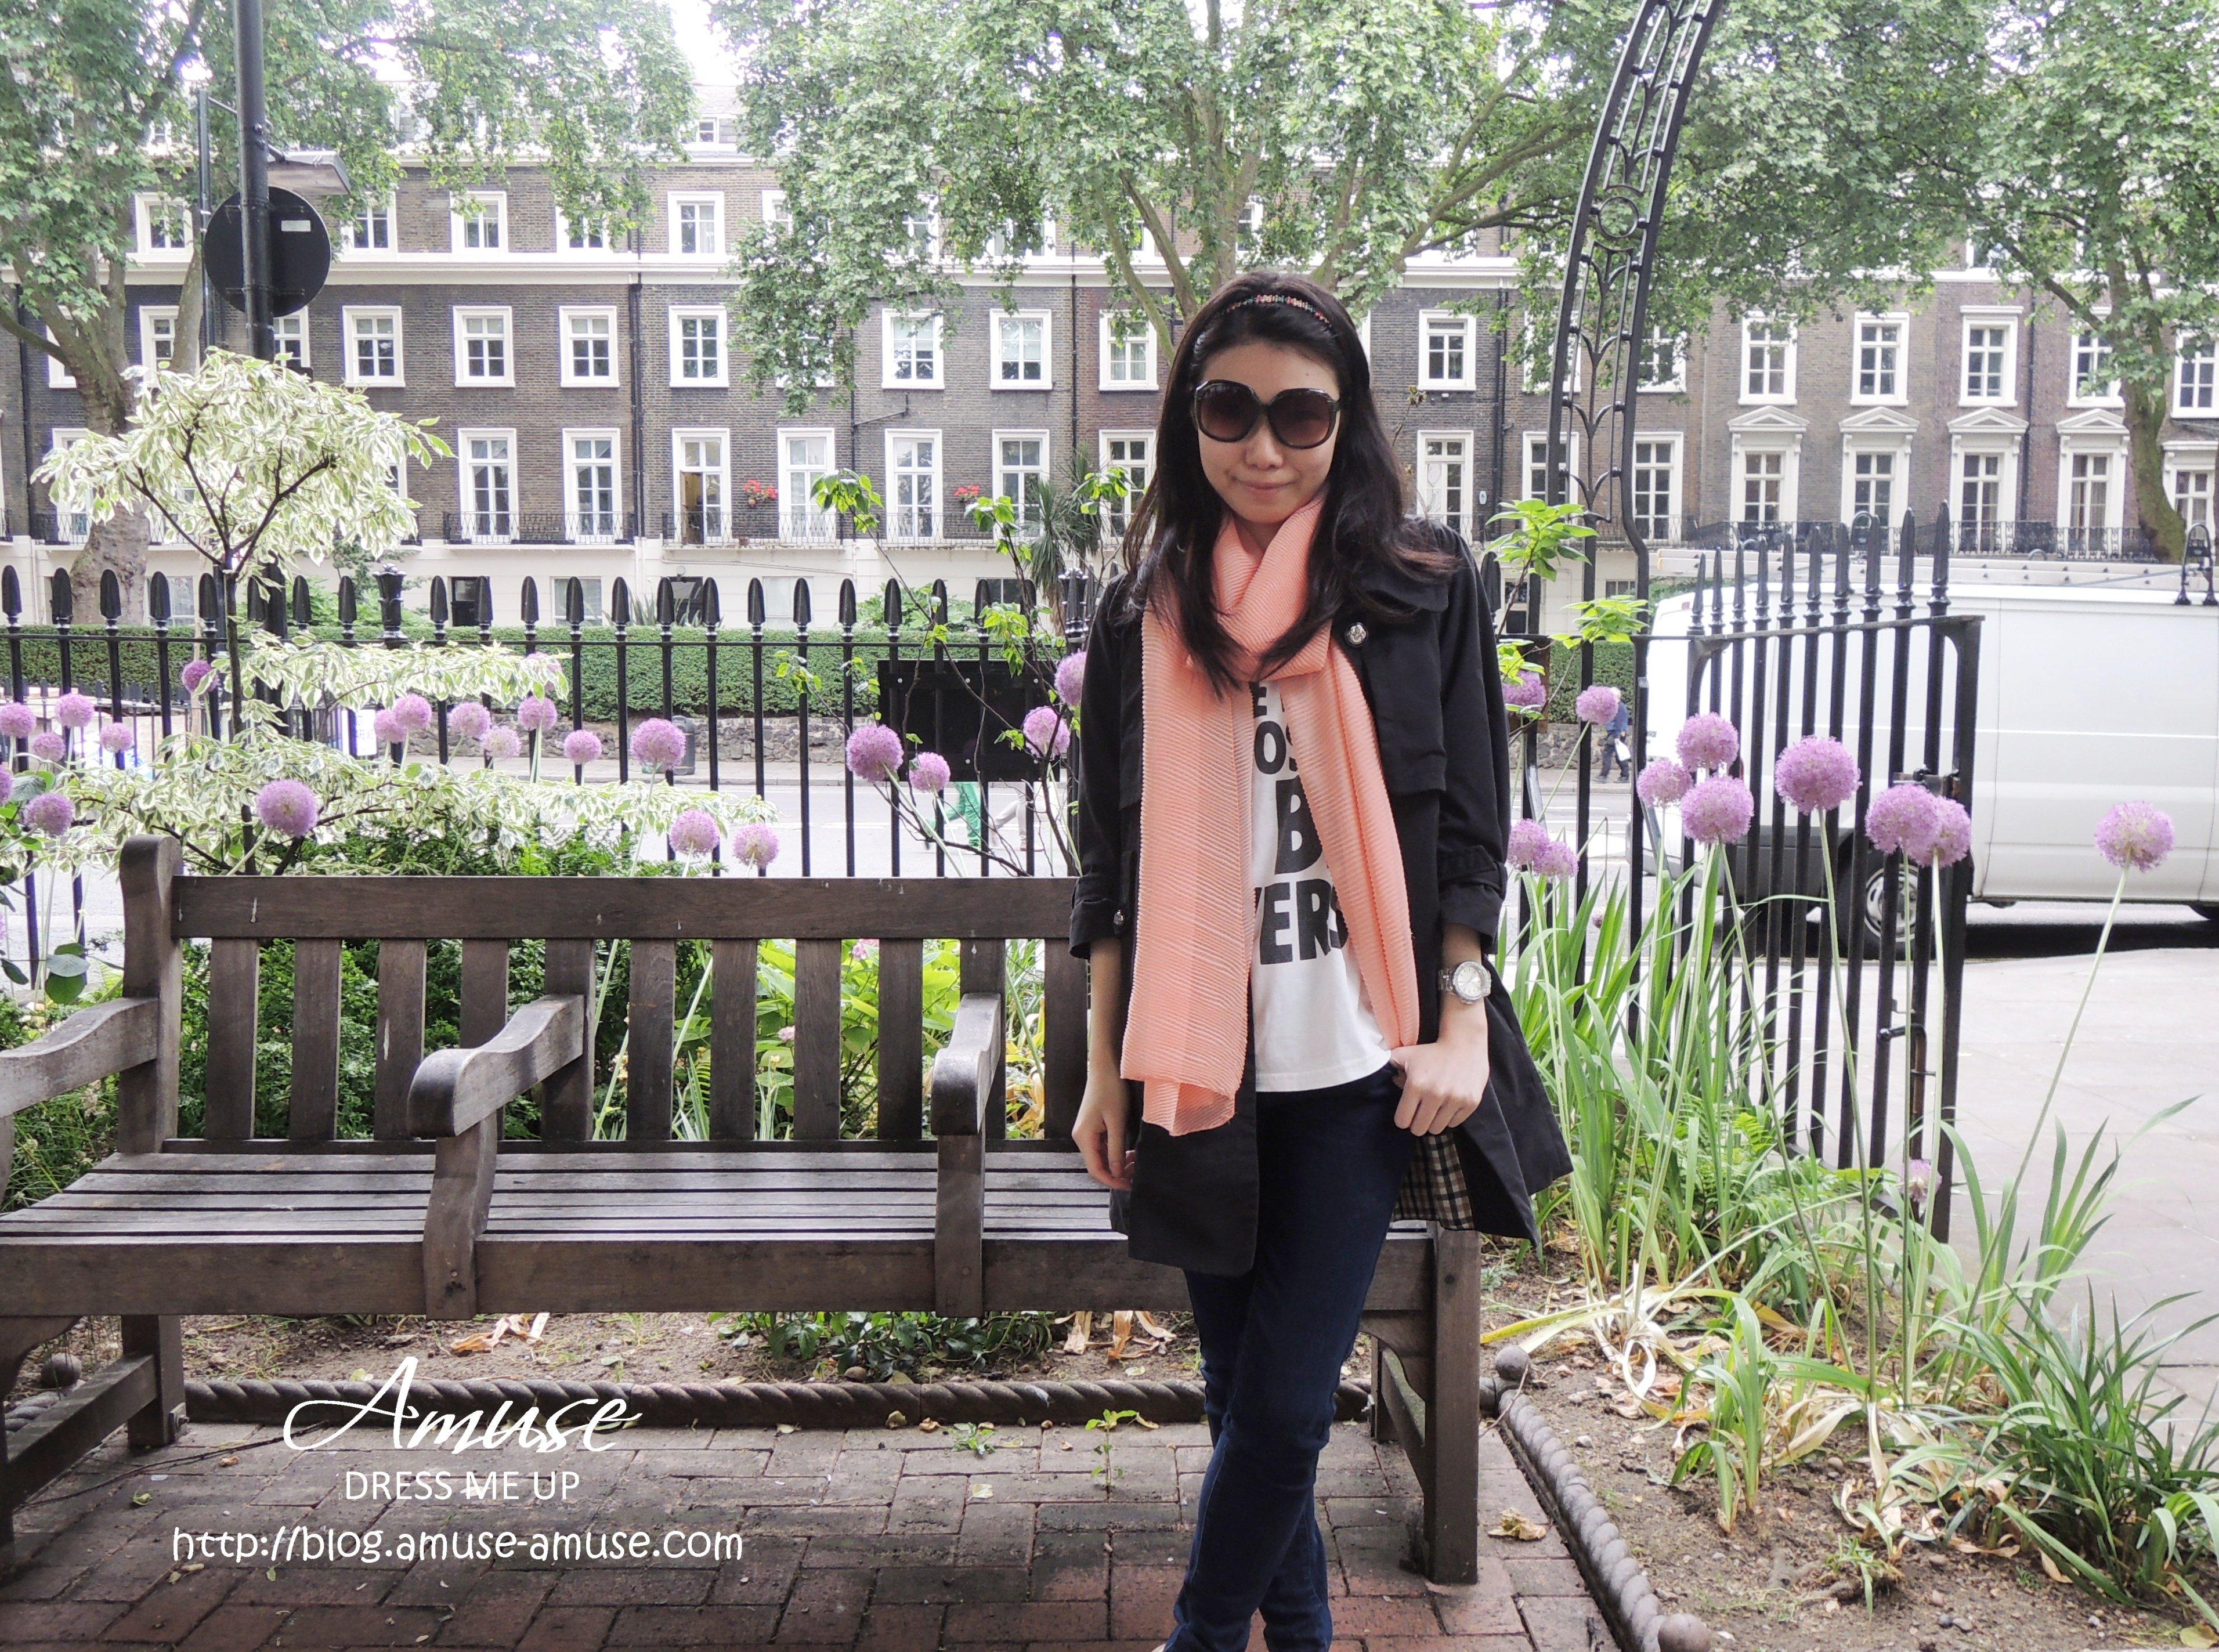 盛夏倫敦。我去英國國家畫廊   BLOG   Amuse-Amuse